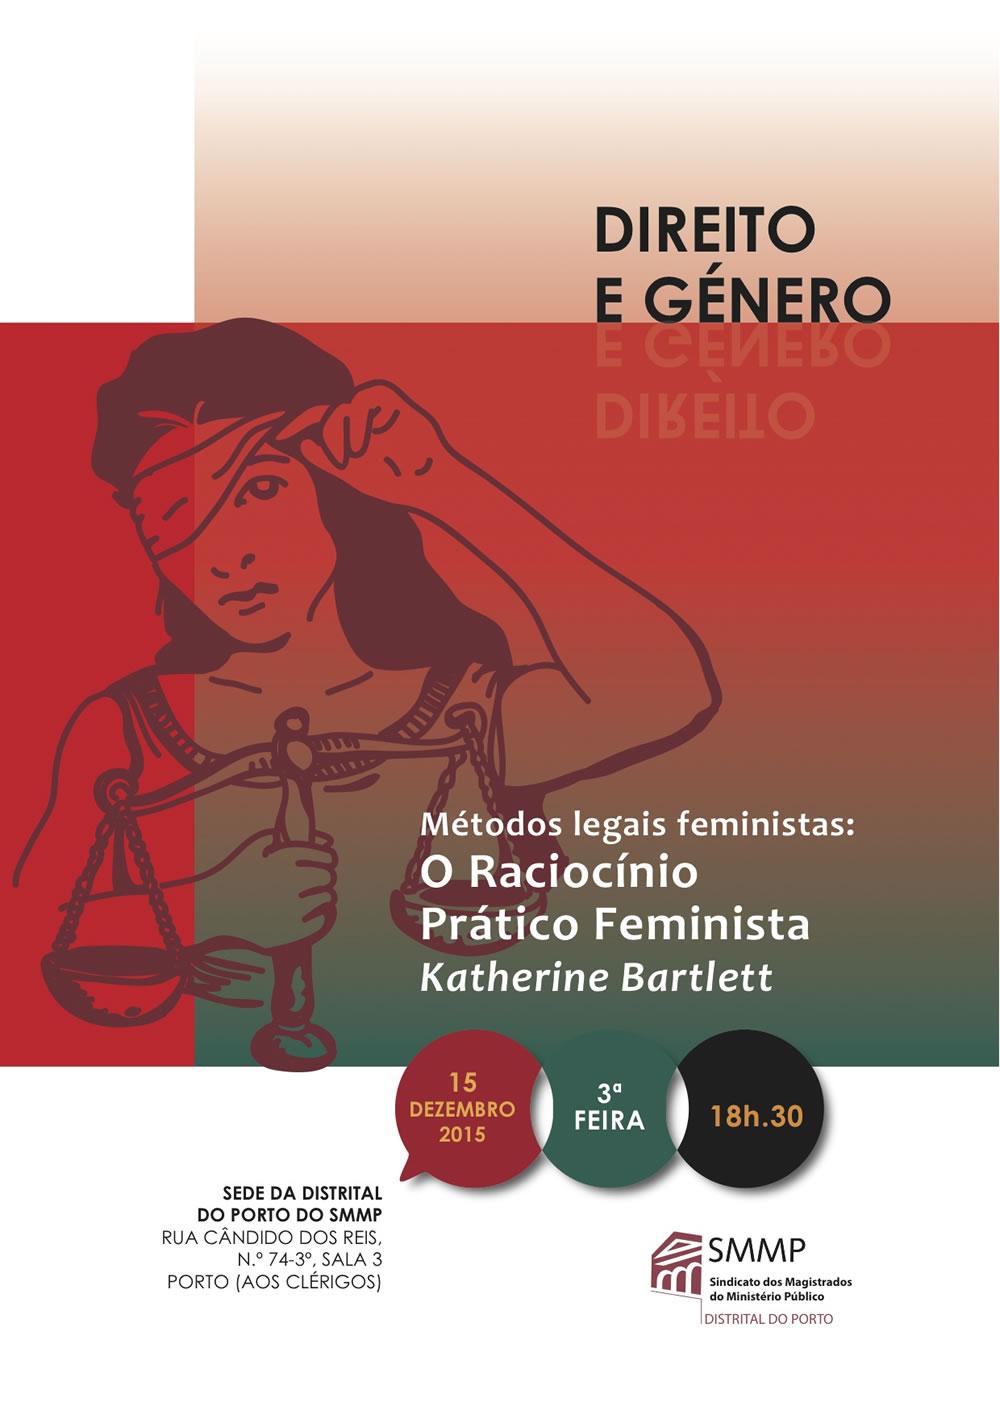 Direito e Género, com Katherine Bartlett